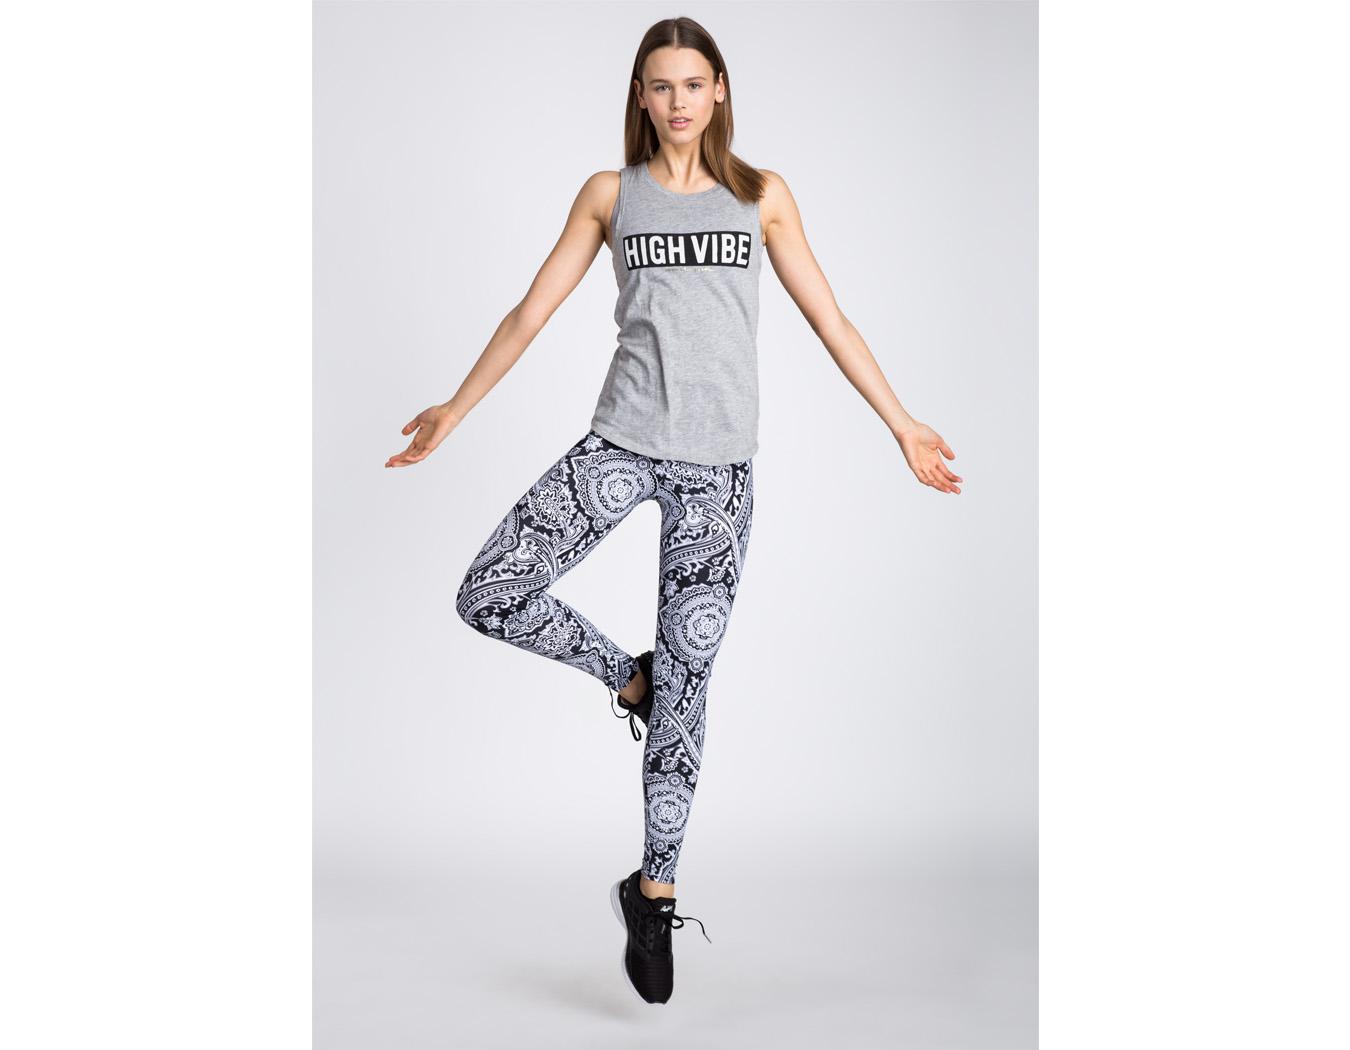 Bandier Activewear Website